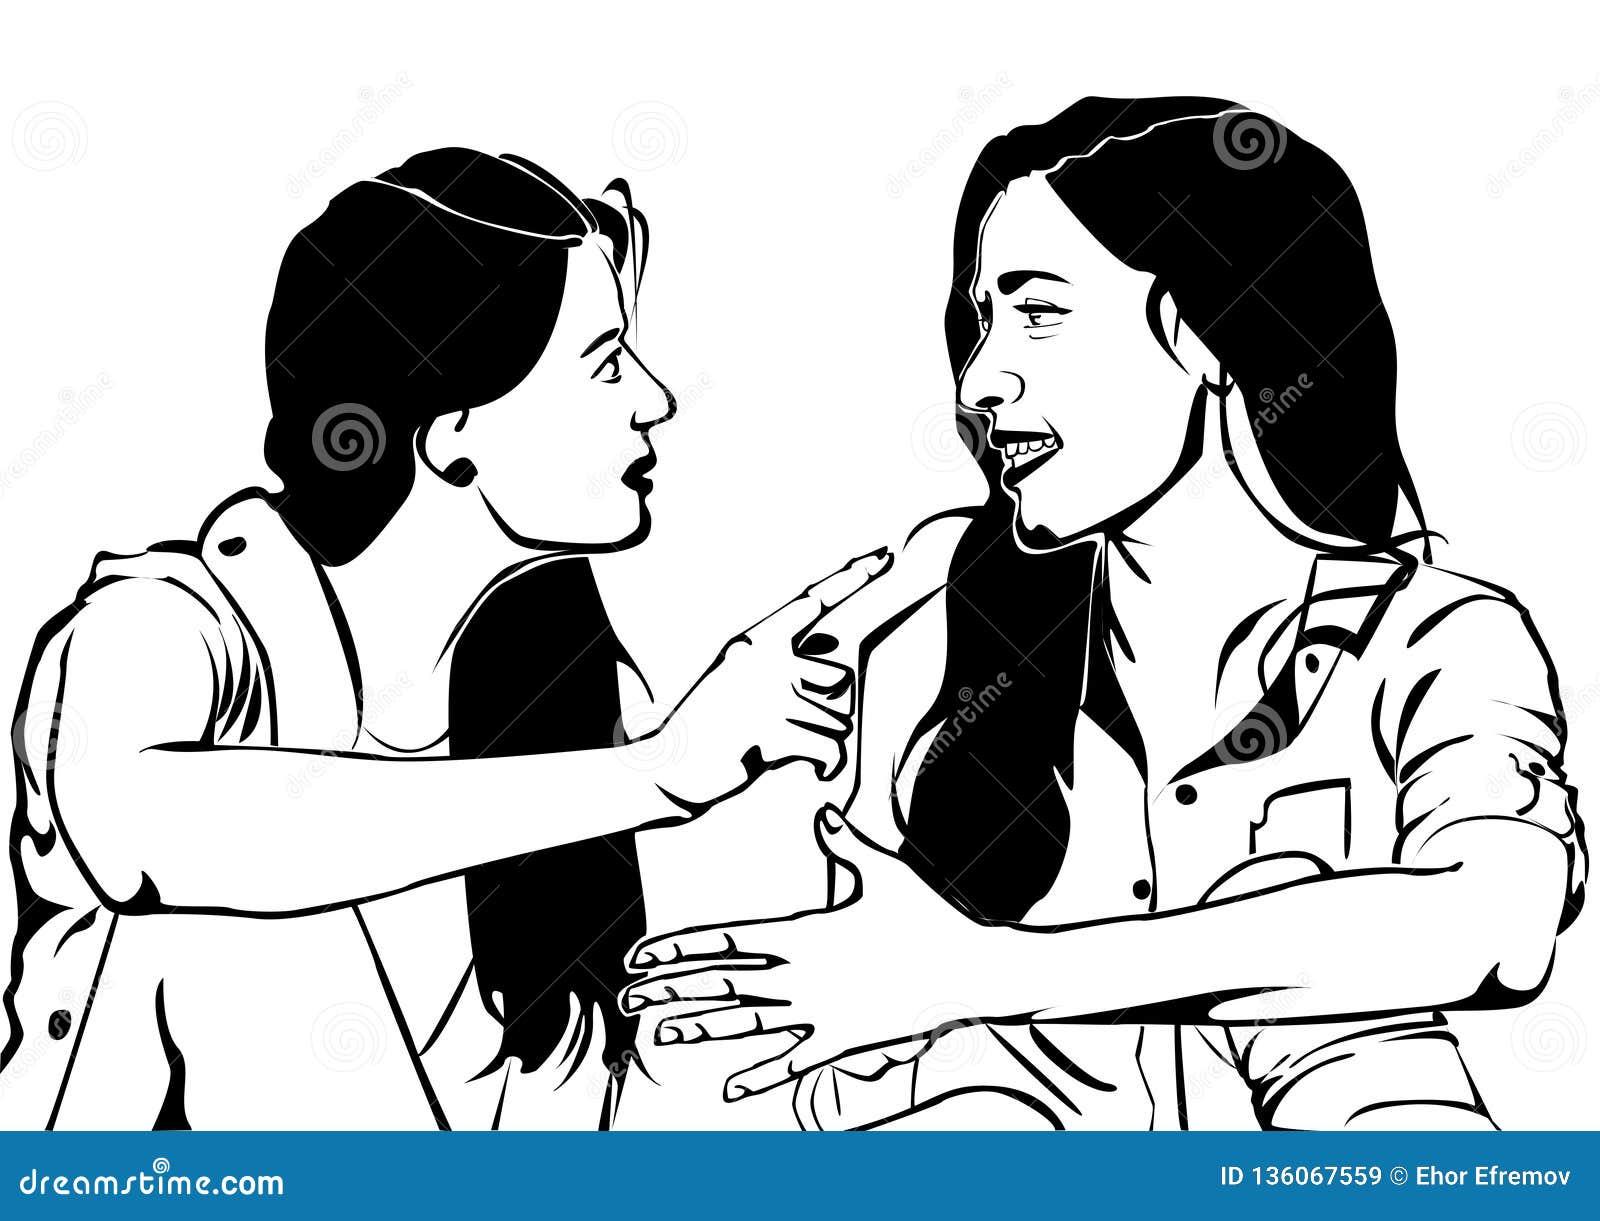 Una charla amistosa y un cierto chisme